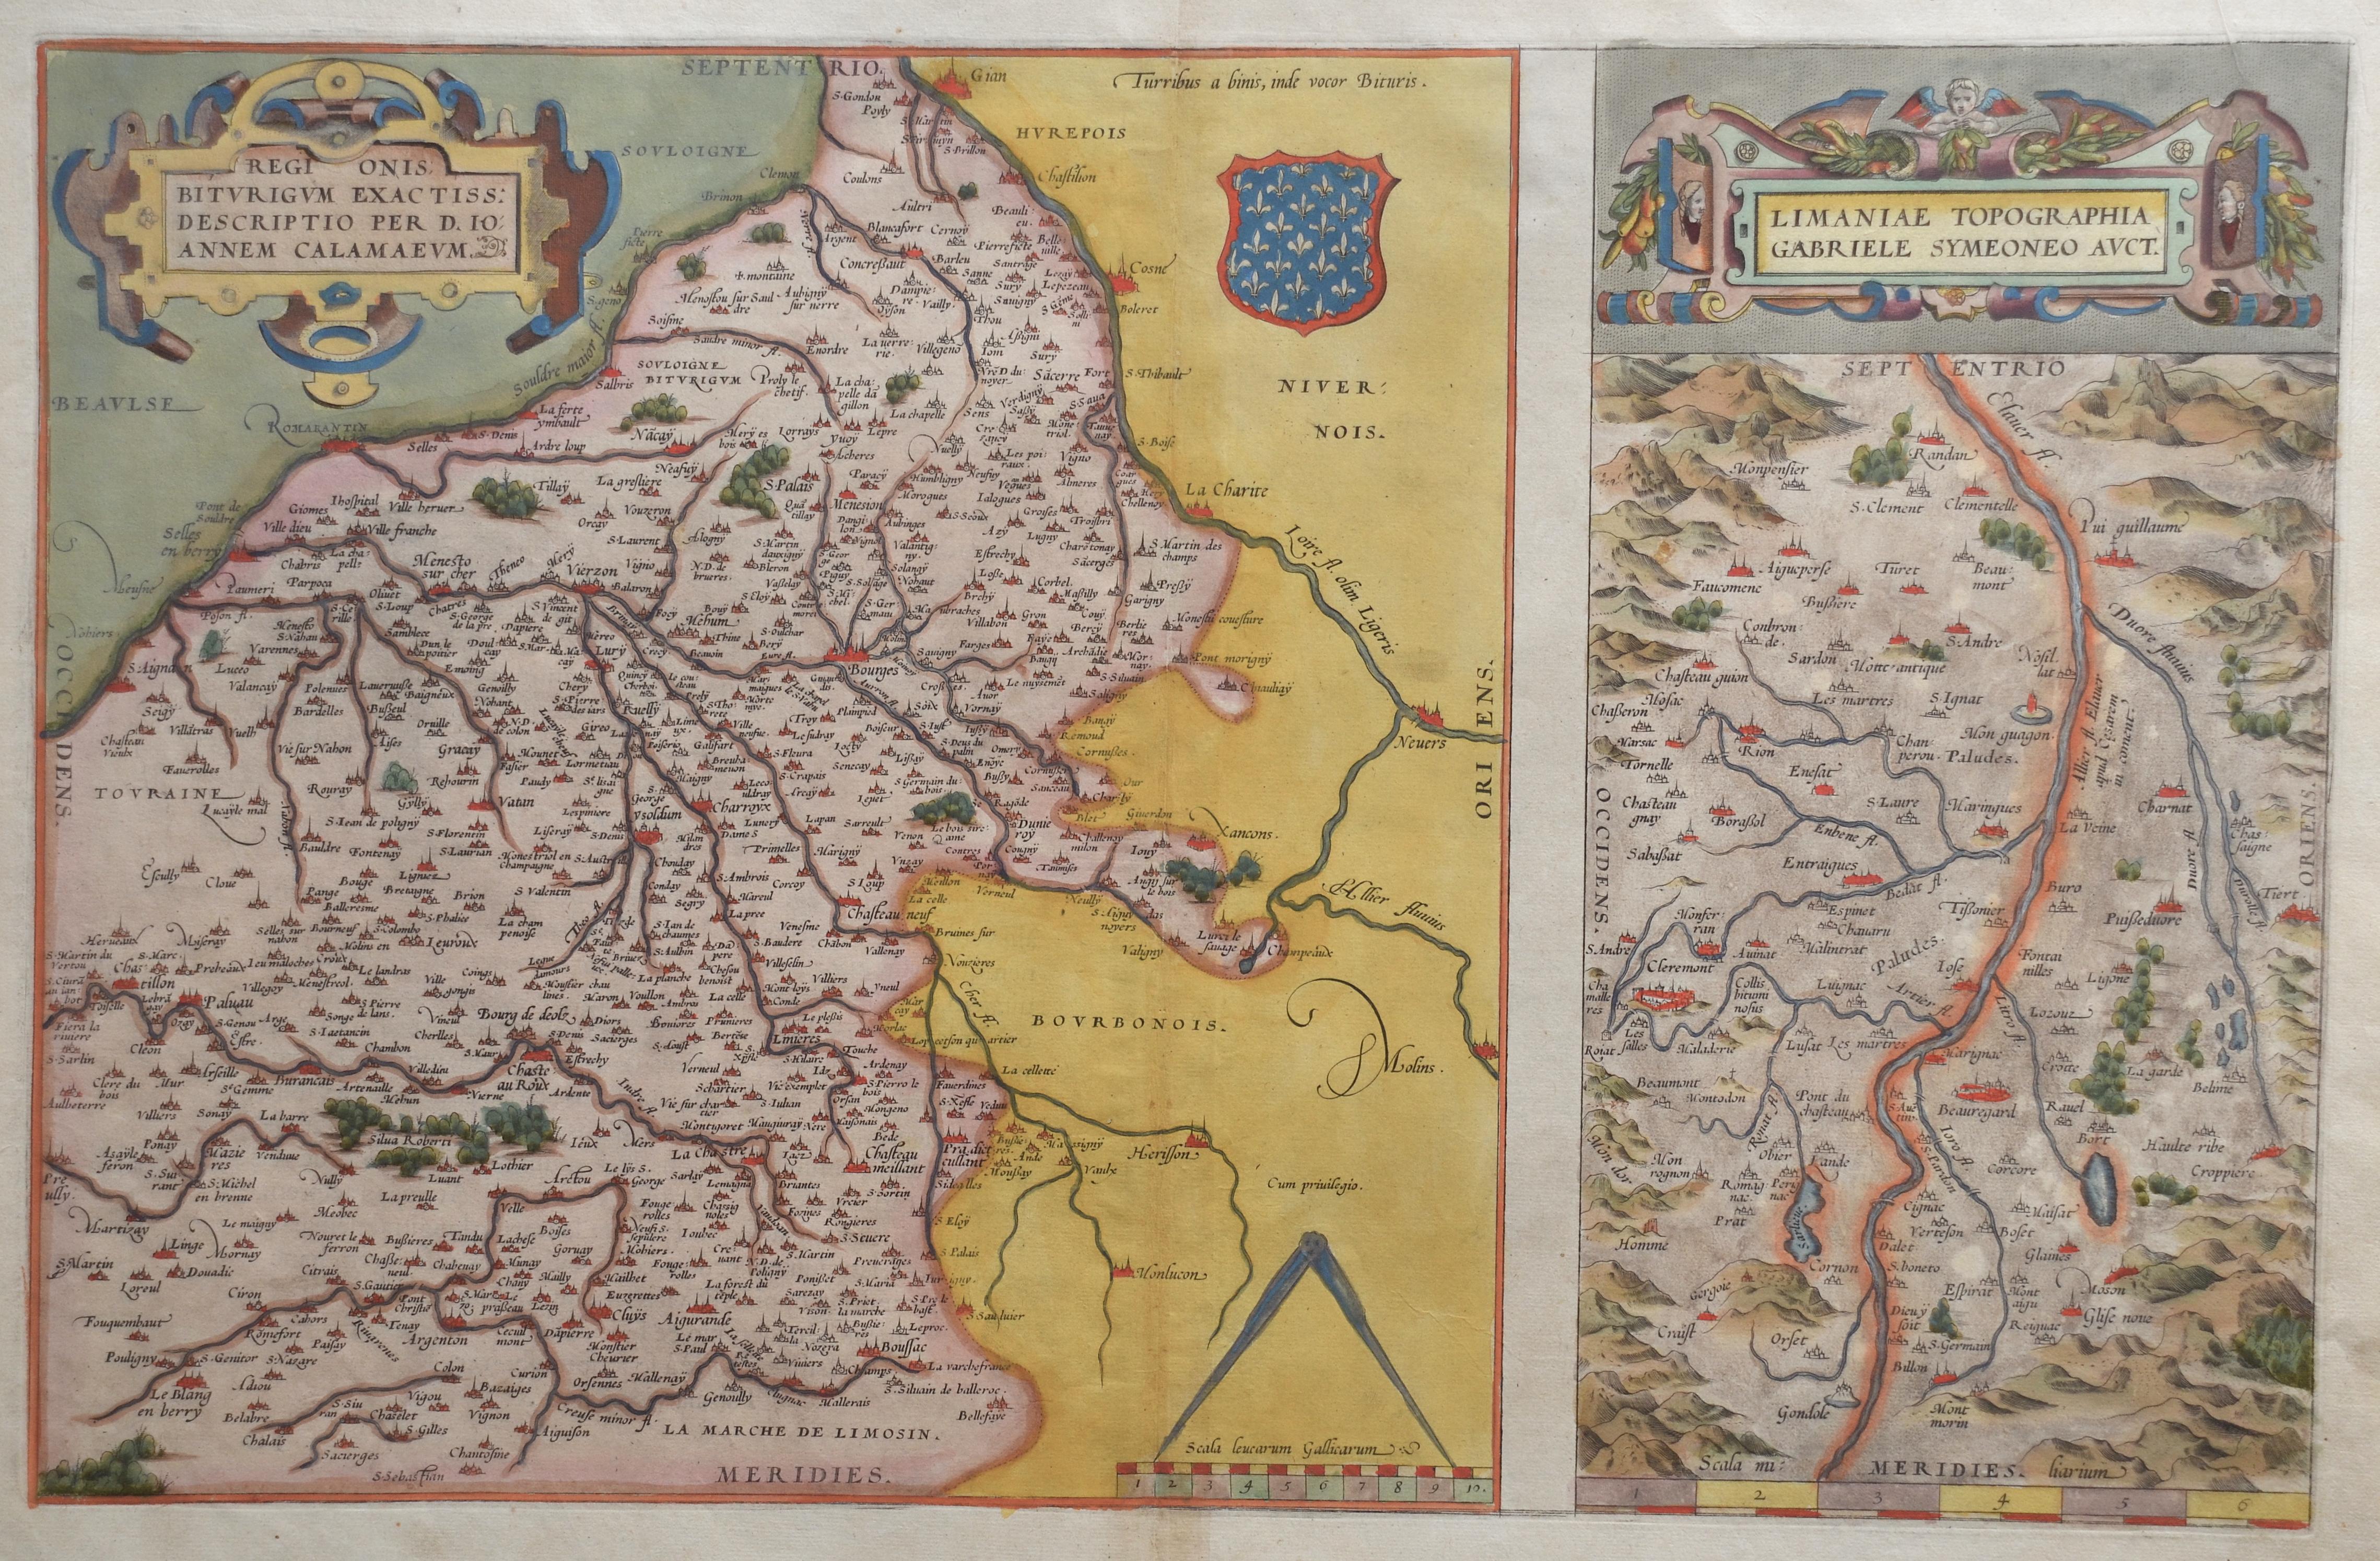 Ortelius Abraham Regionis, Biturigum exactiss: descriptio per d. 10 annem calamaeum. / Limaniae Topographia, Gabriele symeoneo auct.